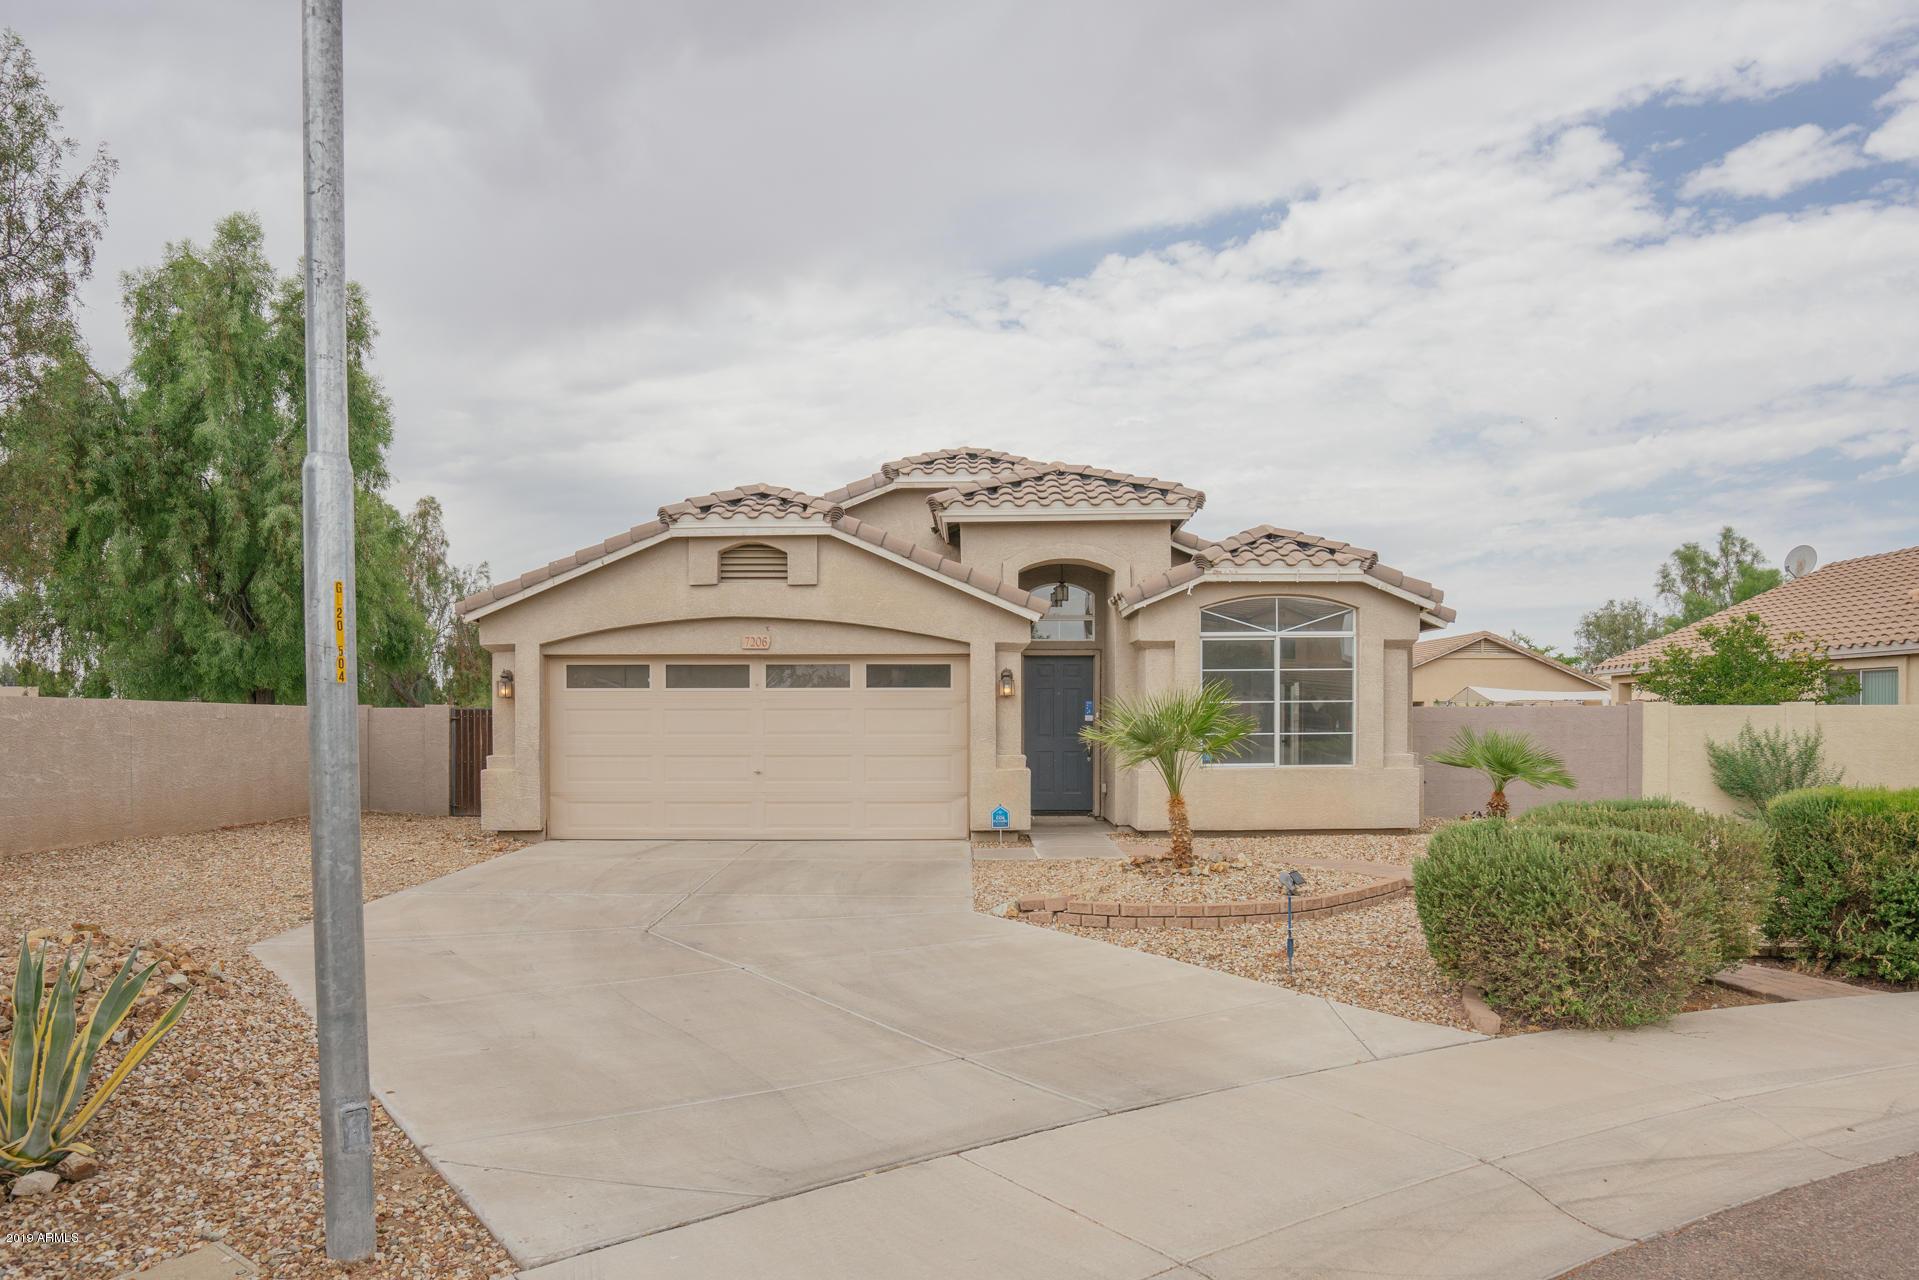 7206 N 75TH Drive, Glendale, Arizona